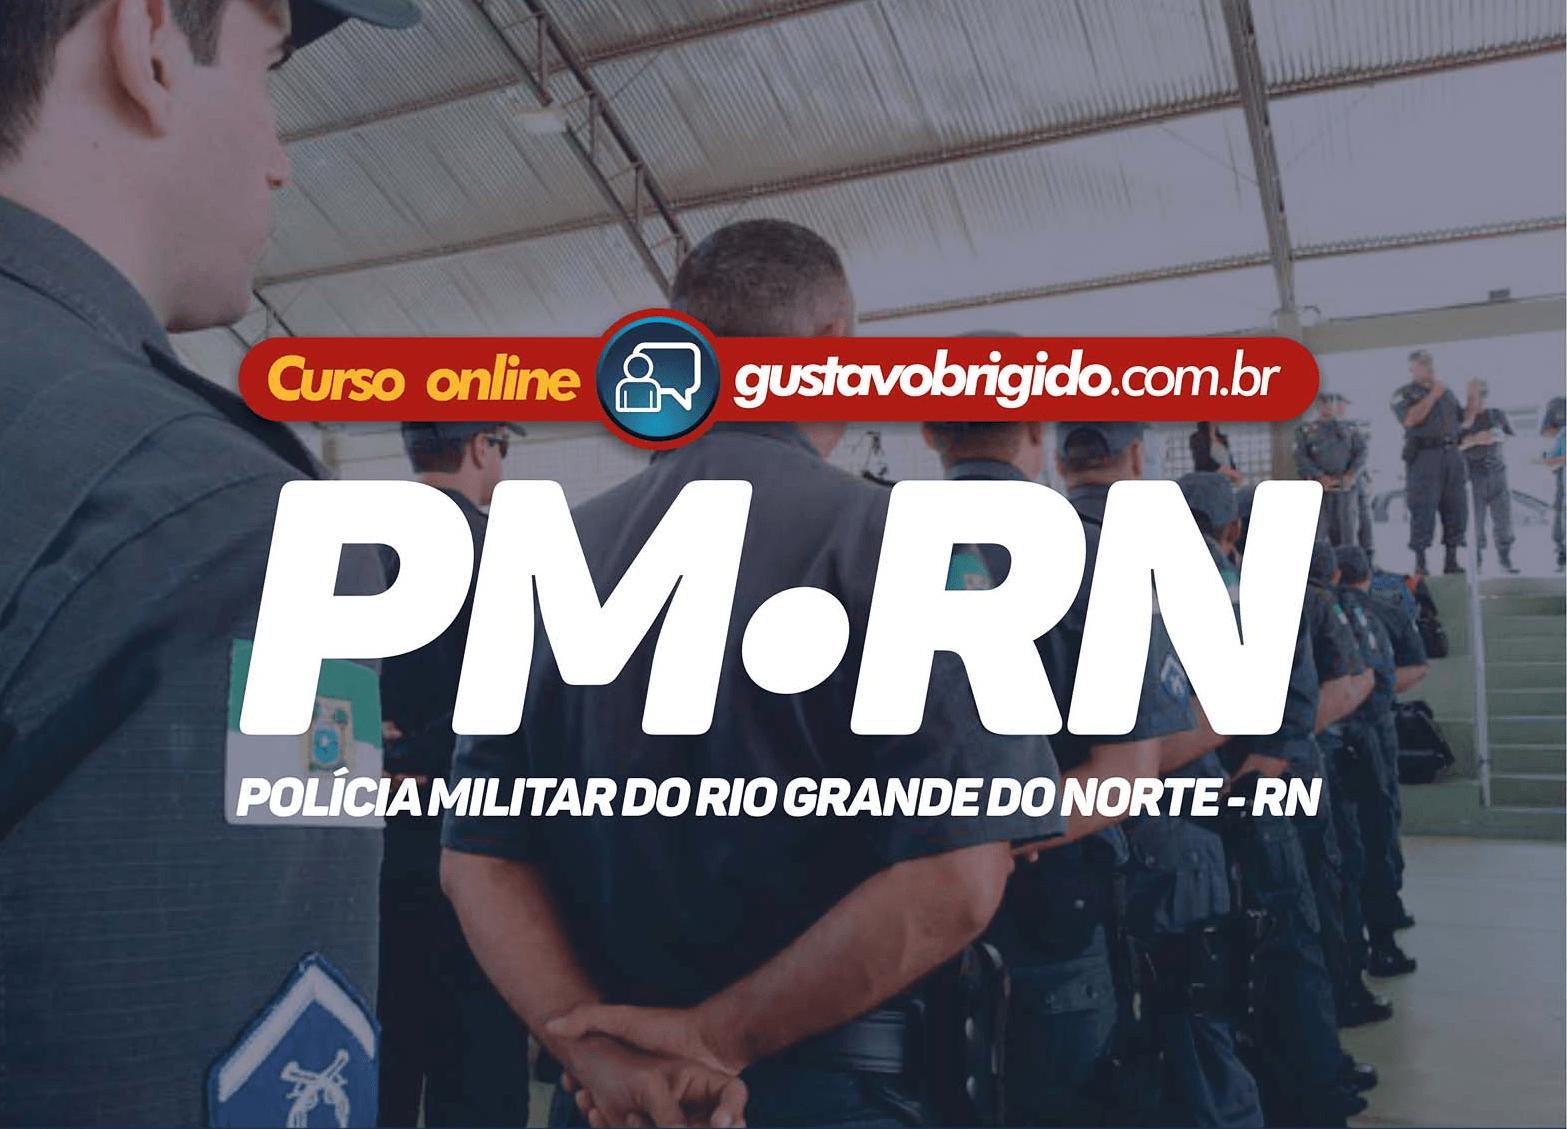 CURSO REGULAR PARA A POLÍCIA MILITAR · RN